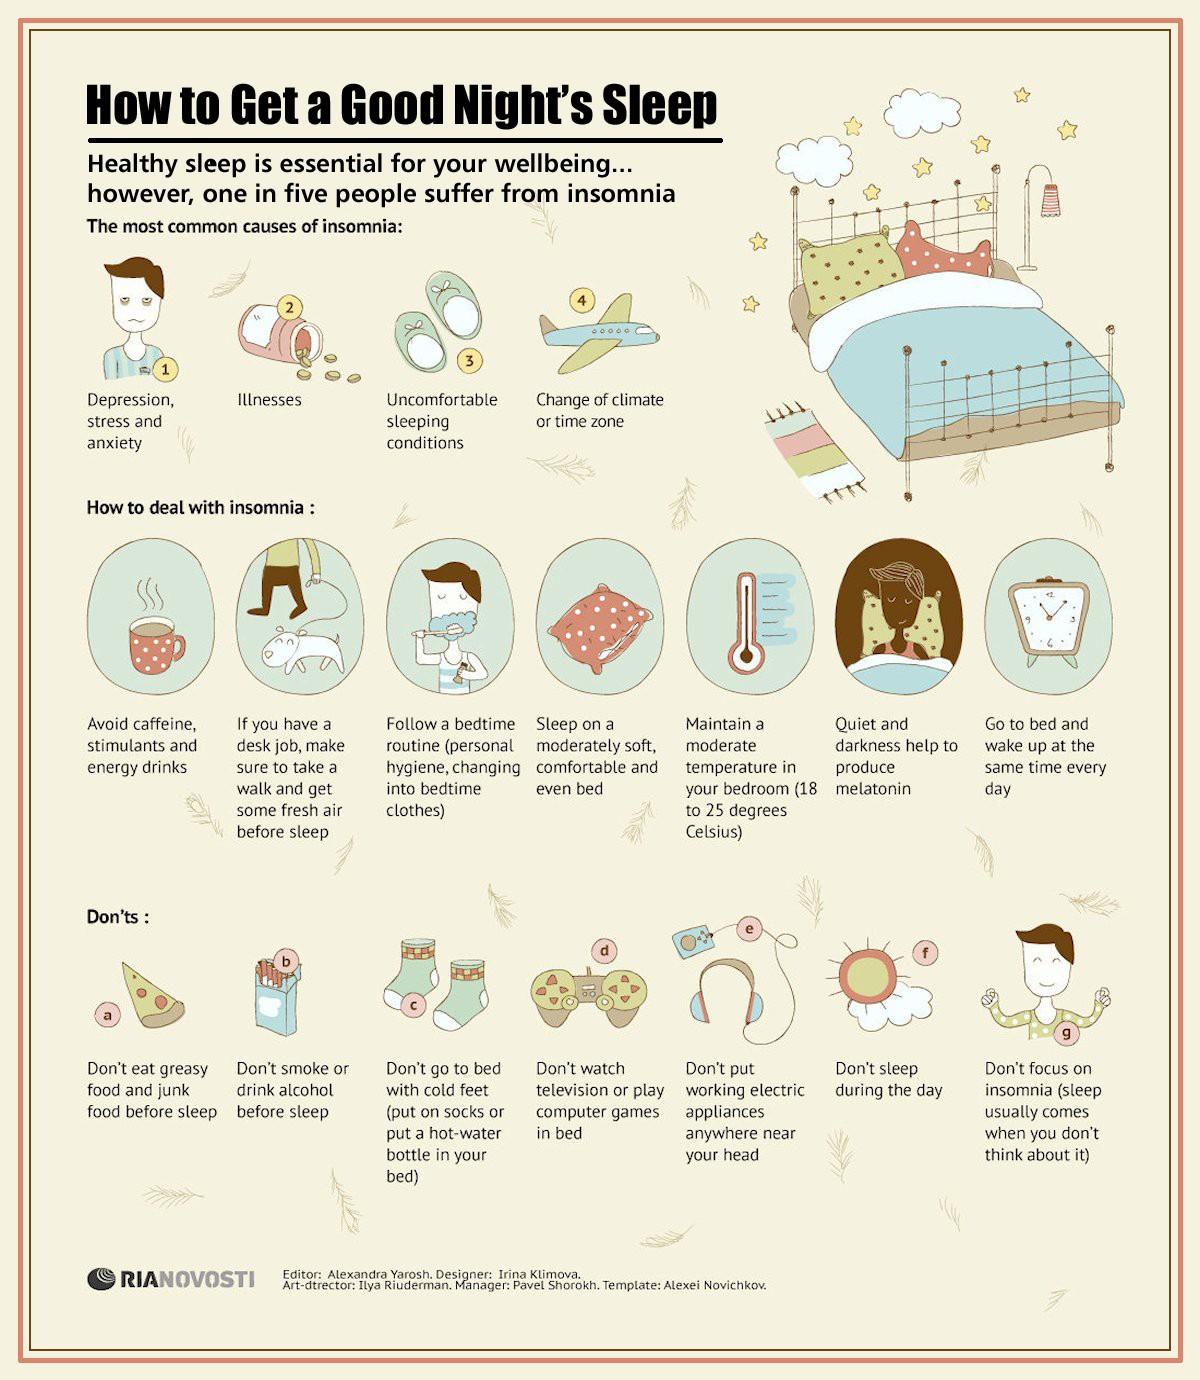 17 2013 ria novosti infographics how to get a good night s 00 ria novosti infographics how to get a good night s sleep 2013